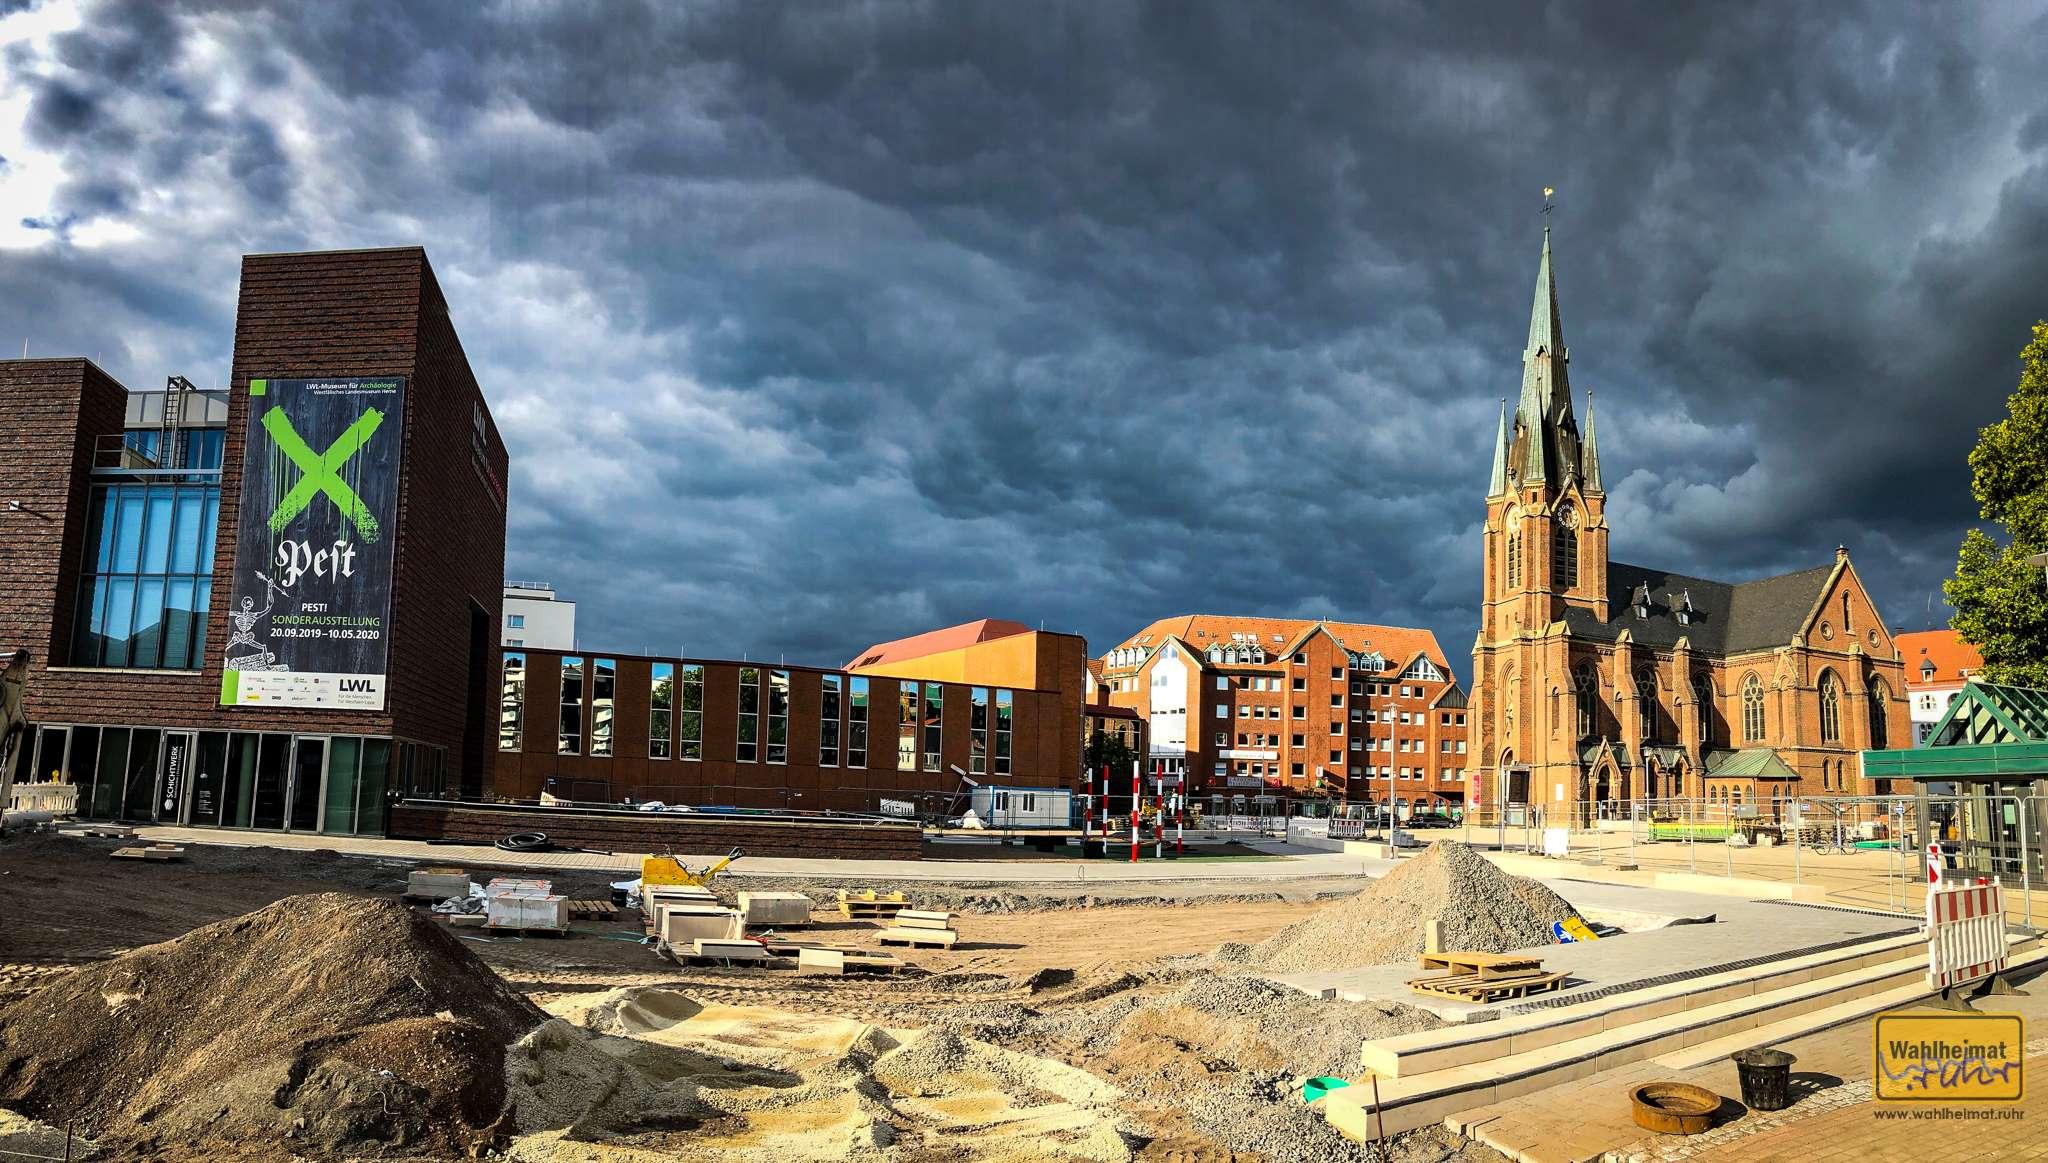 Dräuende Wolken über Herne - tolle Basis für einen Blick in die Pest!-Ausstellung, oder?